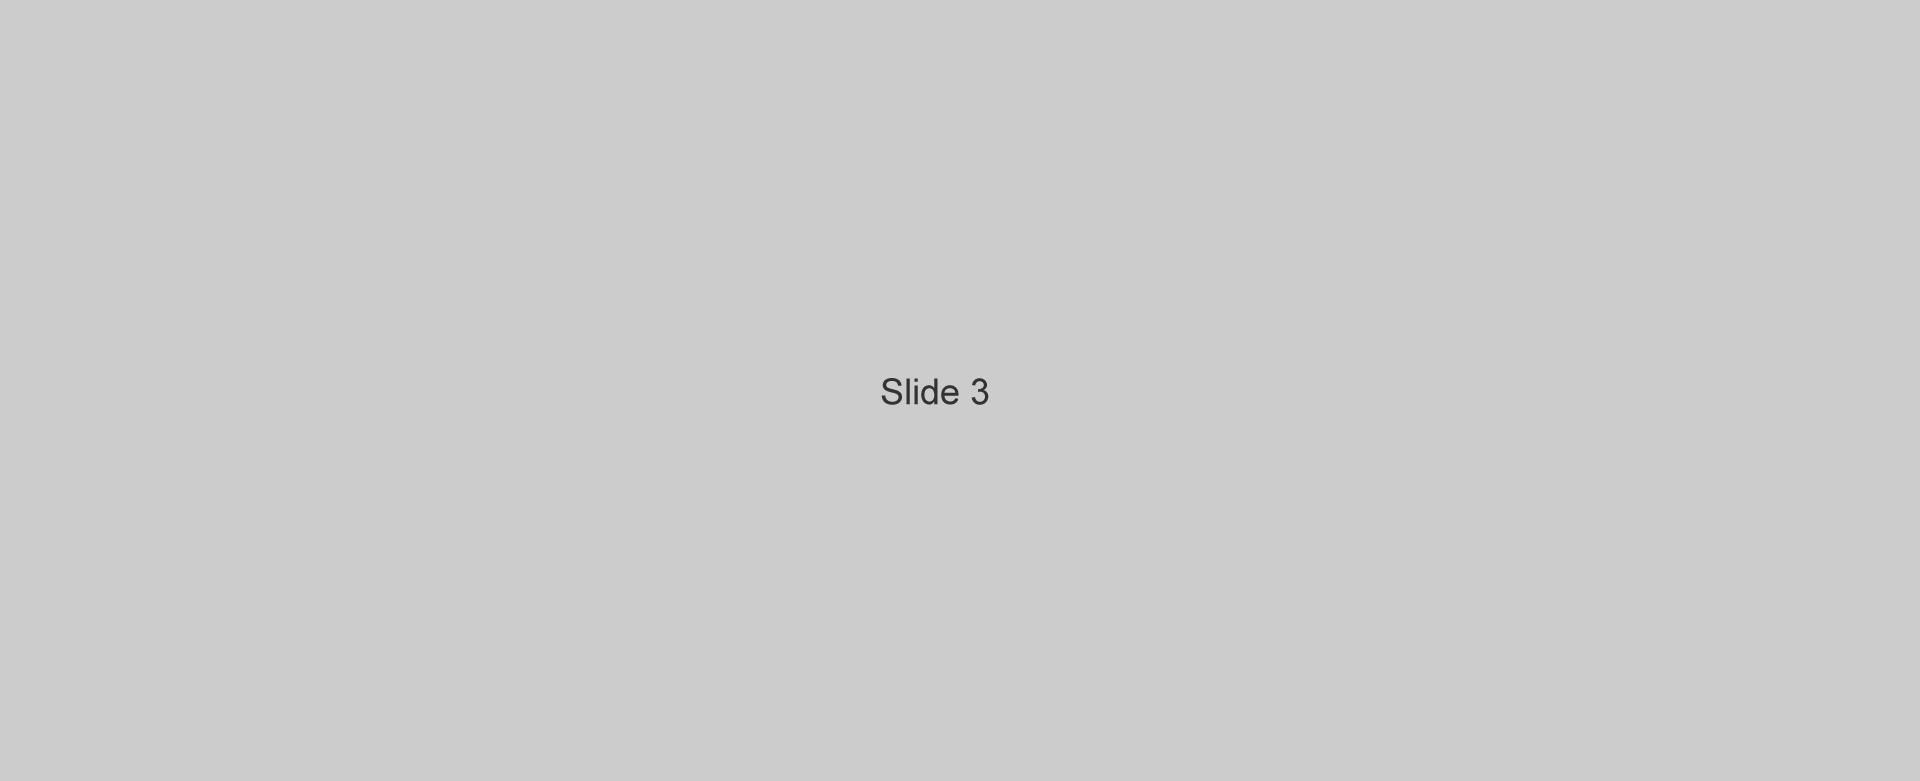 Slide title 3